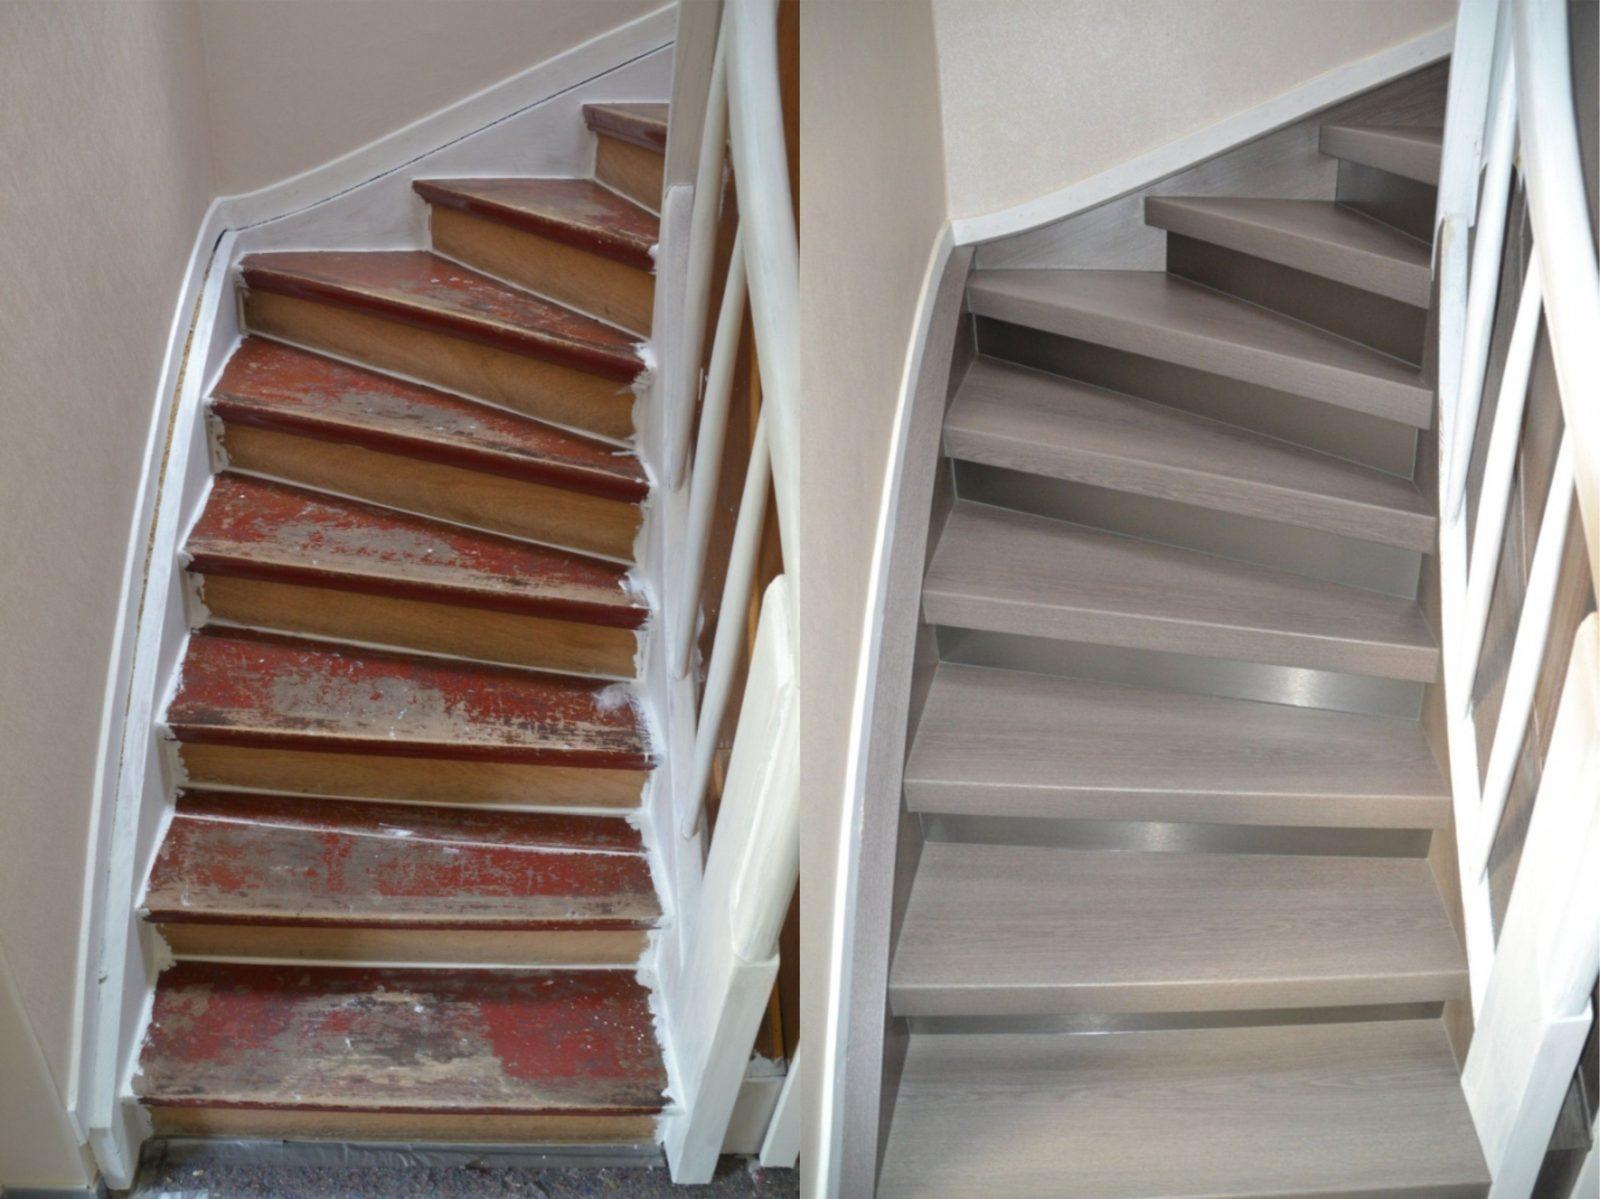 Treppenrenovierung In Lüdenscheid Eiche Grauedelstahl  Treppen von Treppe Renovieren Vorher Nachher Bild